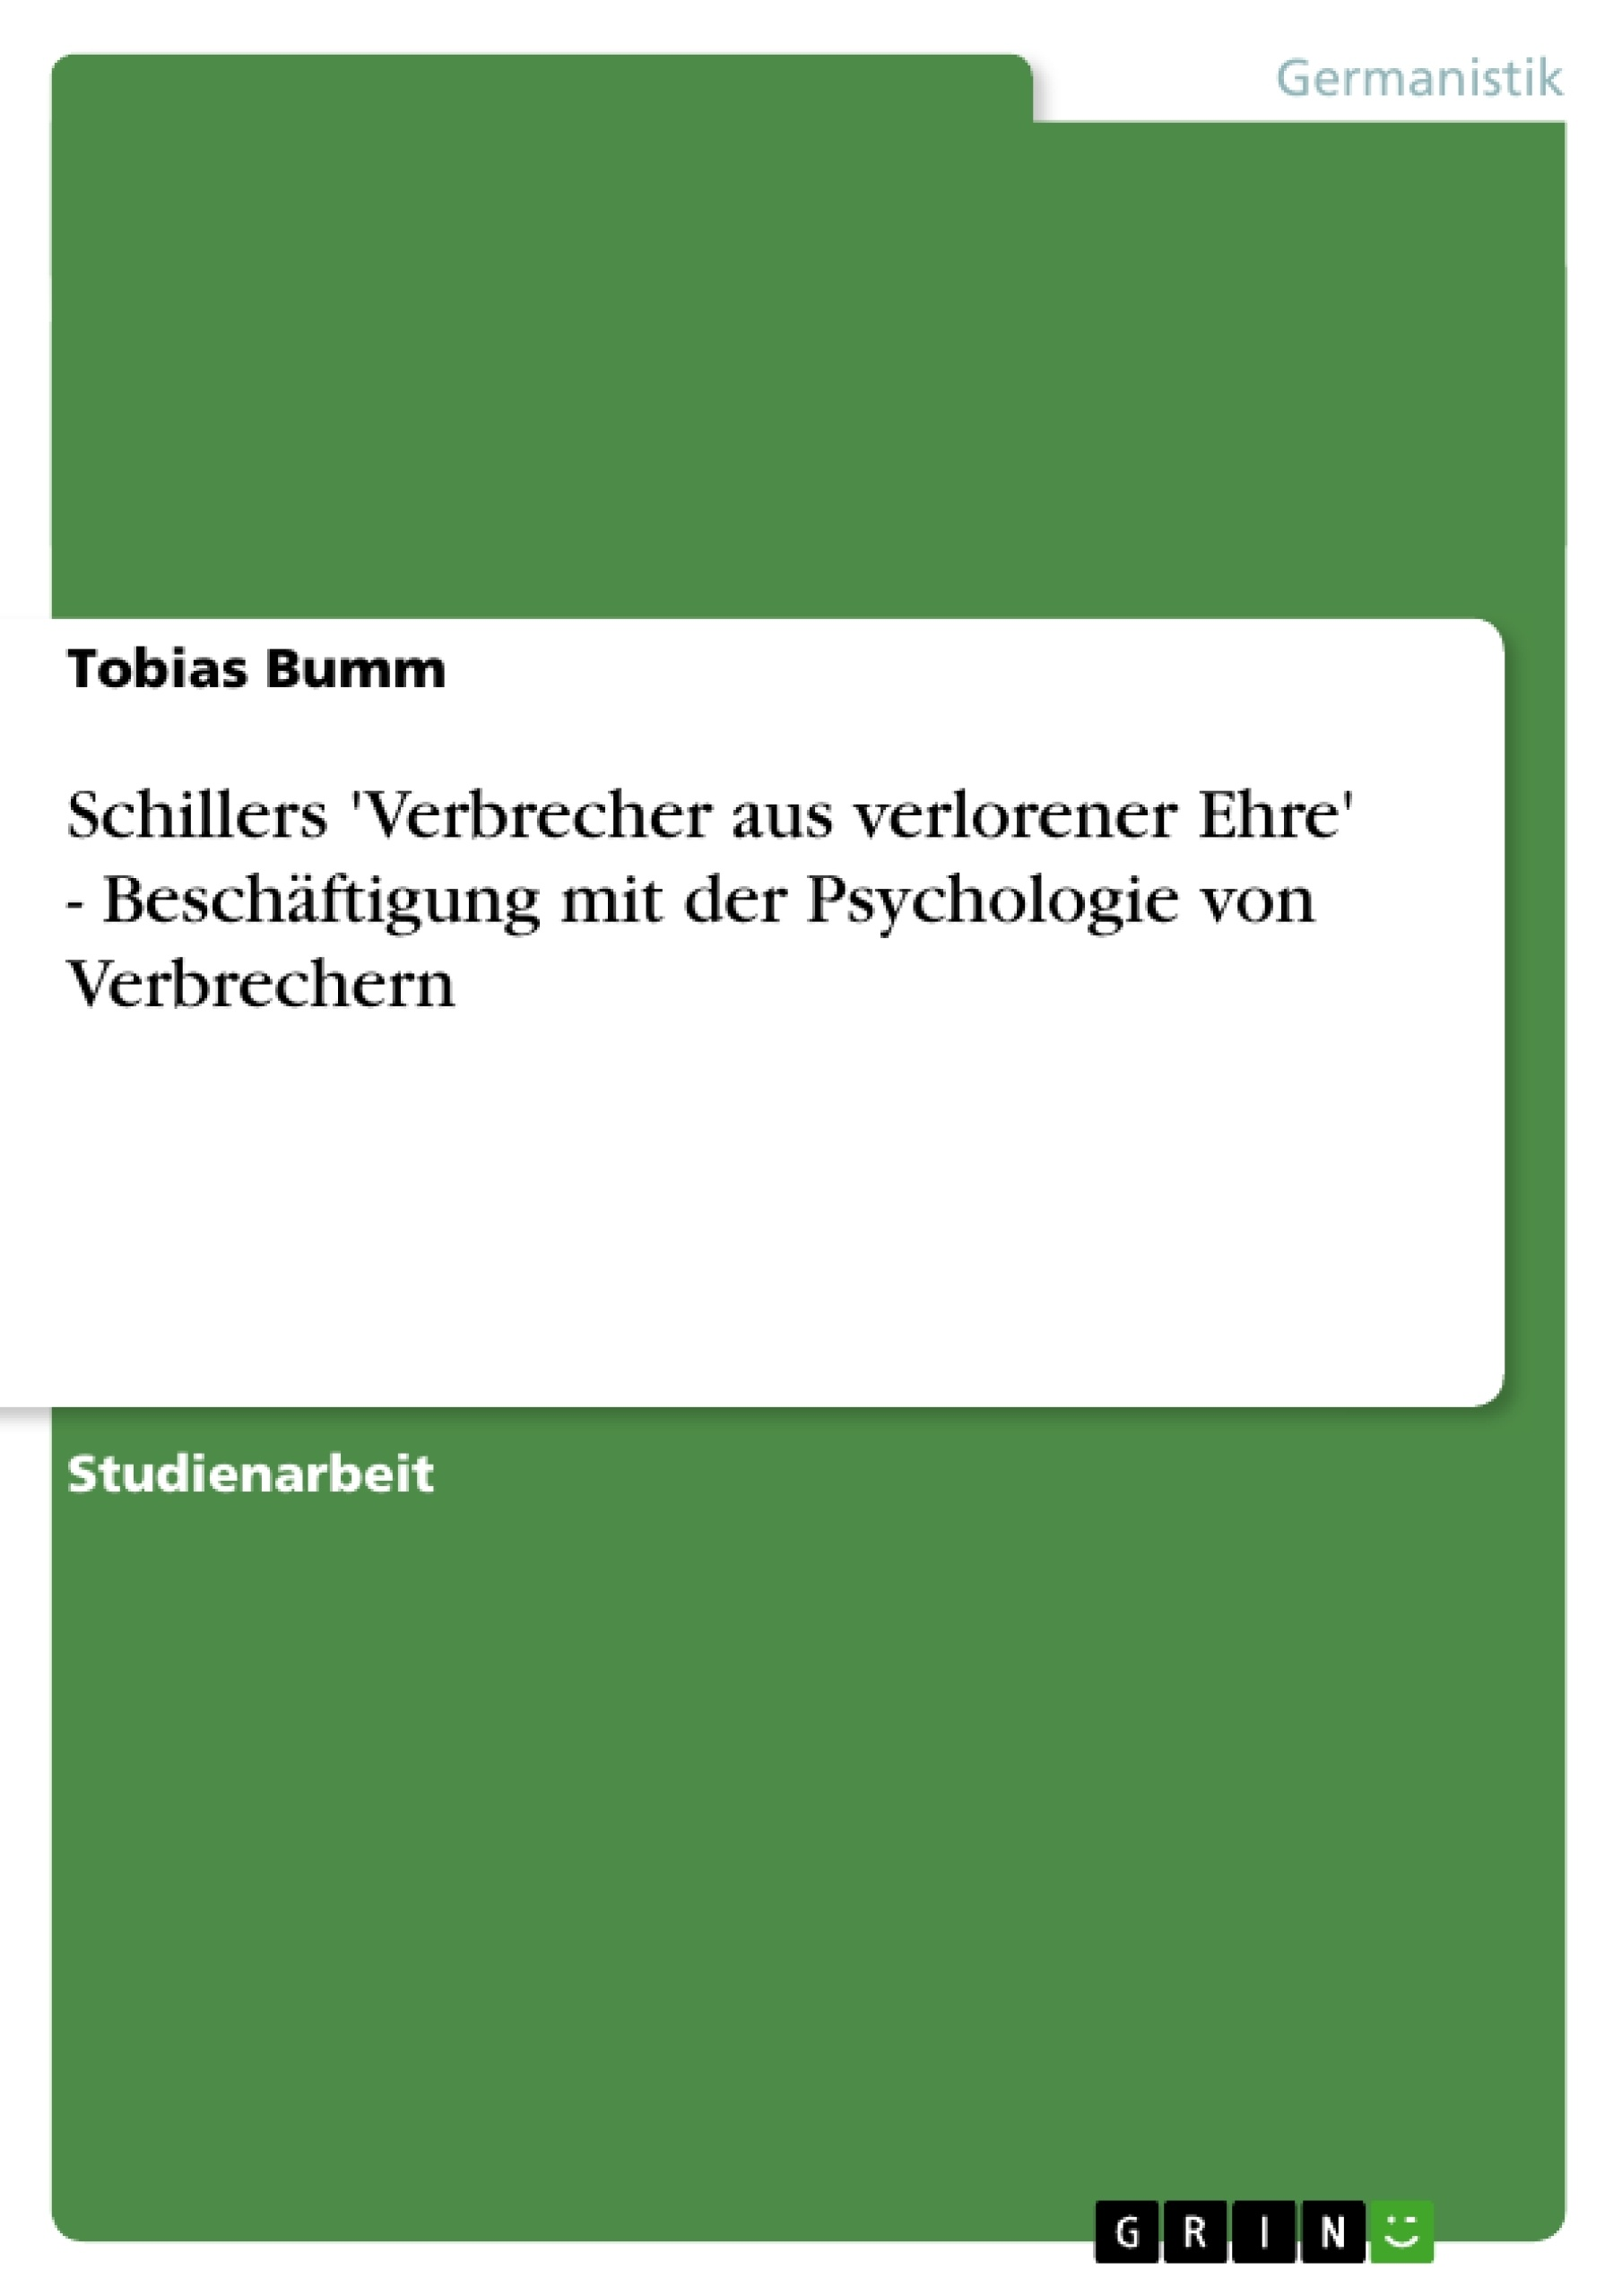 Titel: Schillers 'Verbrecher aus verlorener Ehre' - Beschäftigung mit der Psychologie von Verbrechern